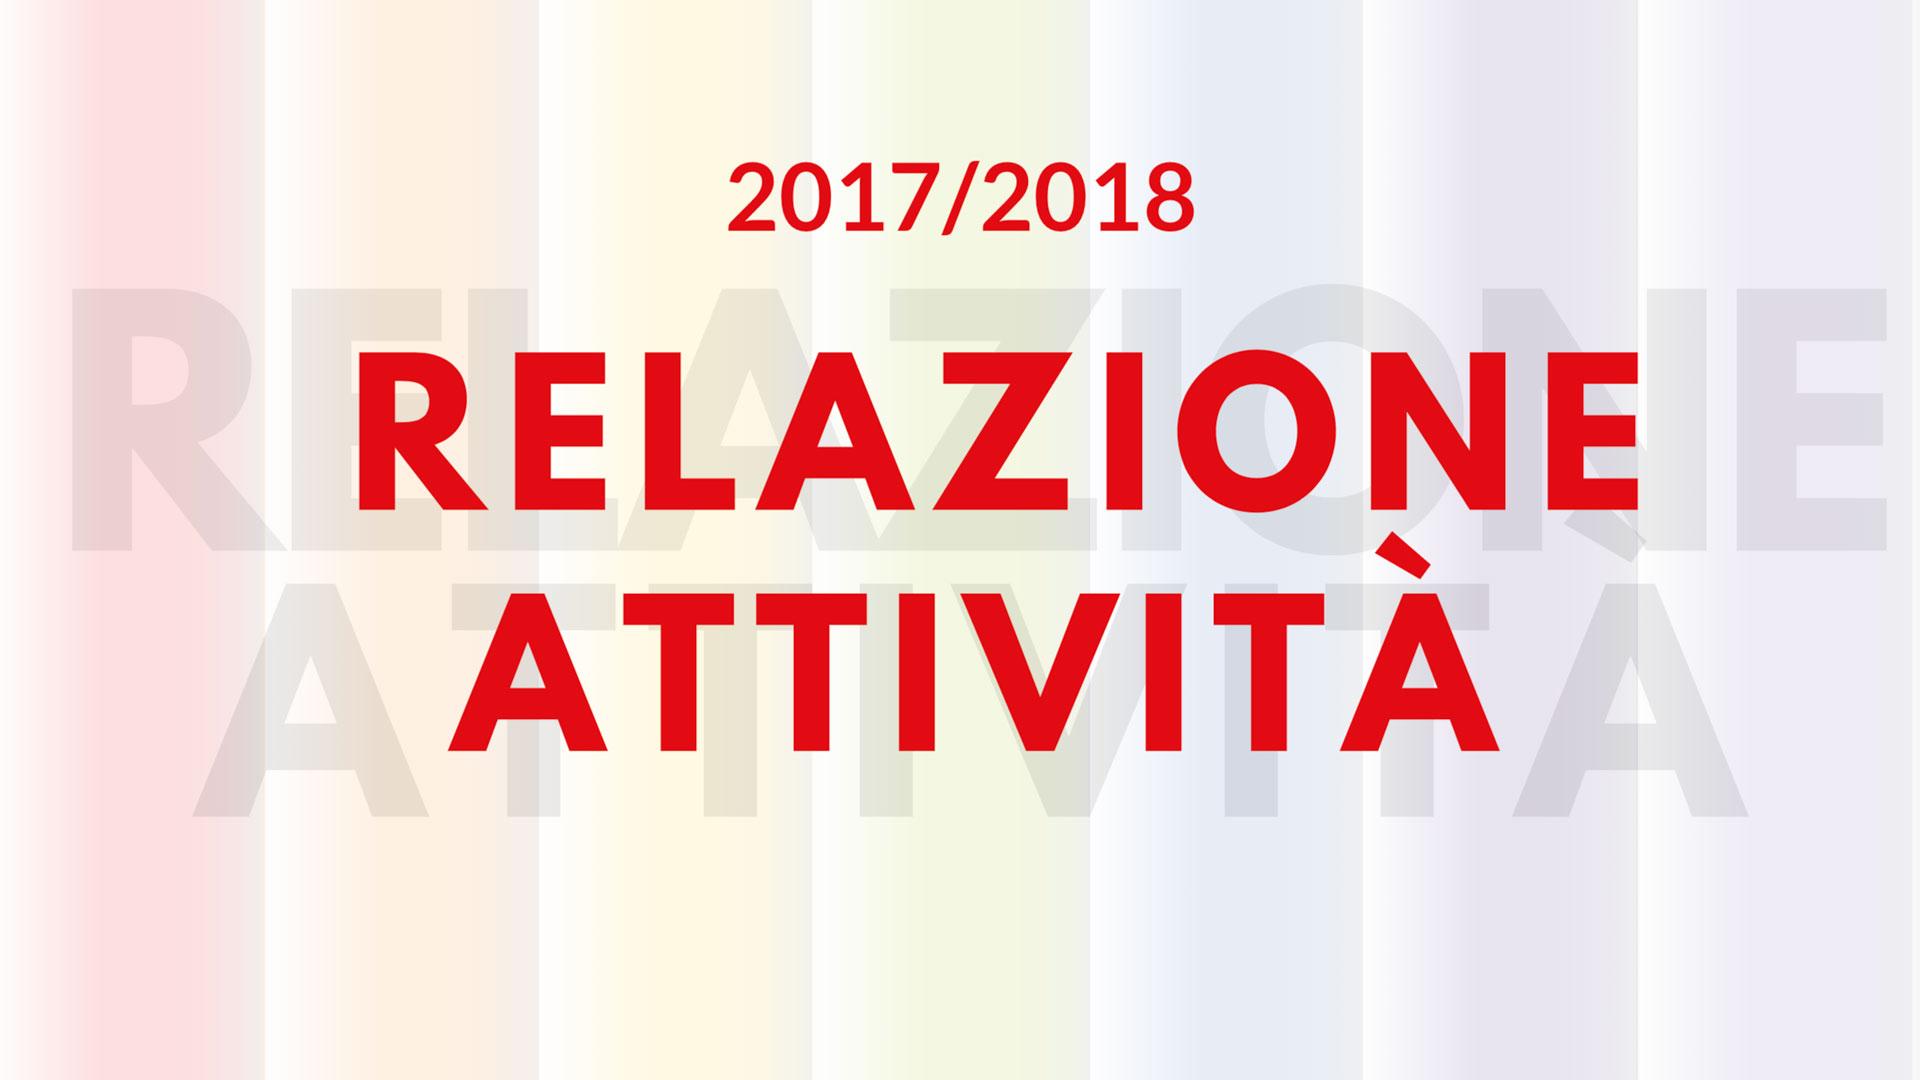 Relazione Attività 2017-2018 - Nuovi Orizzonti